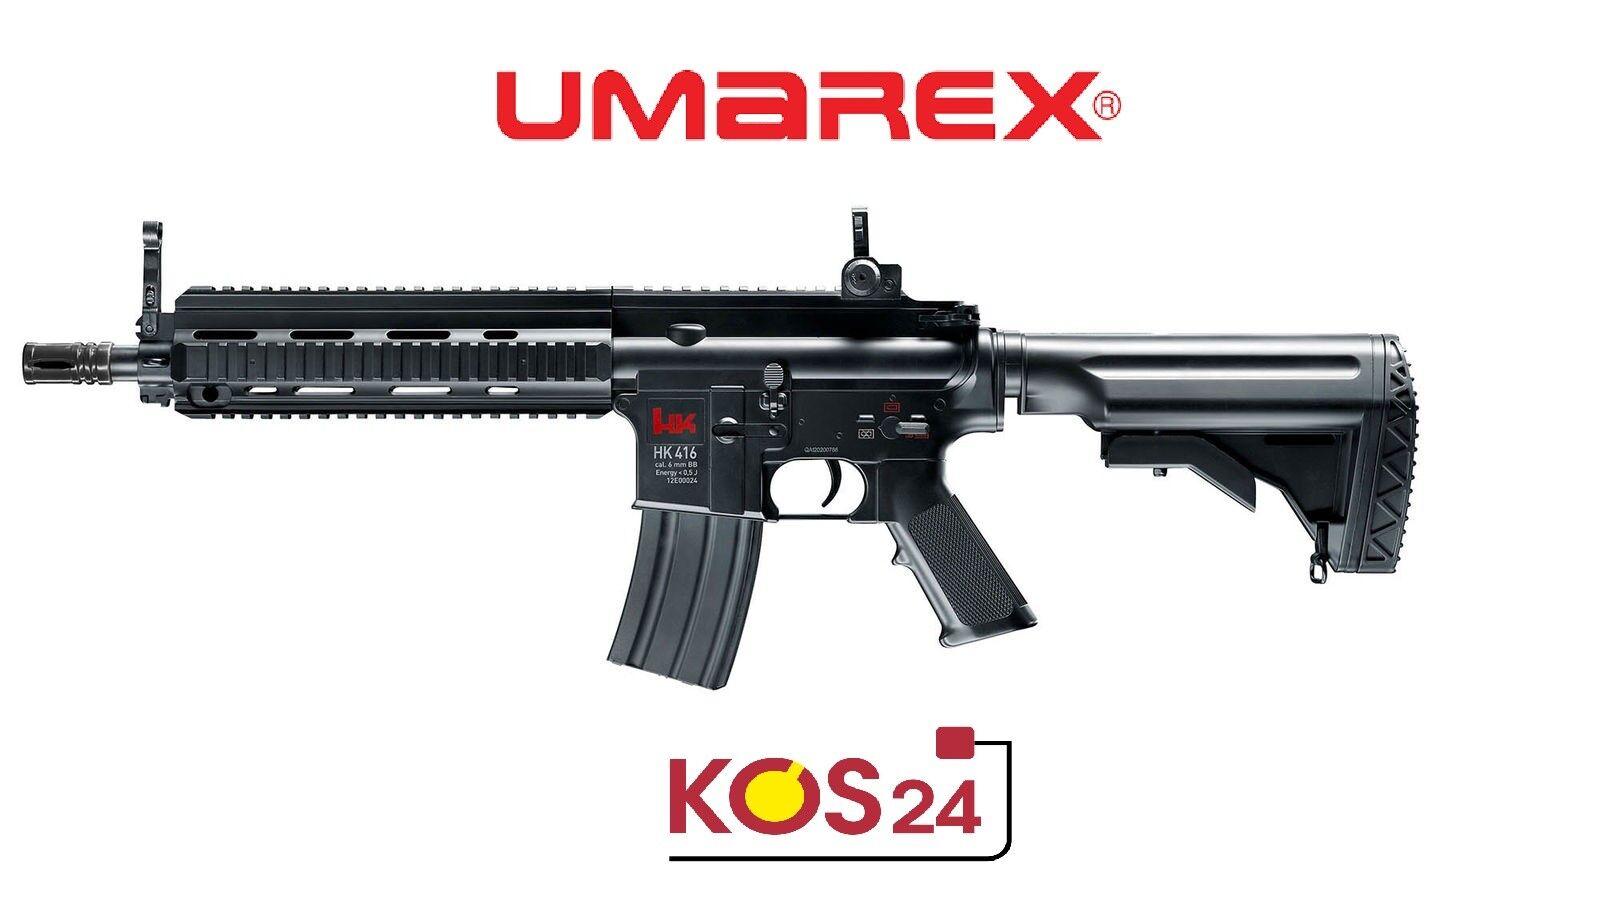 Elektrische Gewehr Softair - Gewehr Elektrische Schnellfeuerkarabiner HK 416C mit Akkus <0,5Joule 259a17